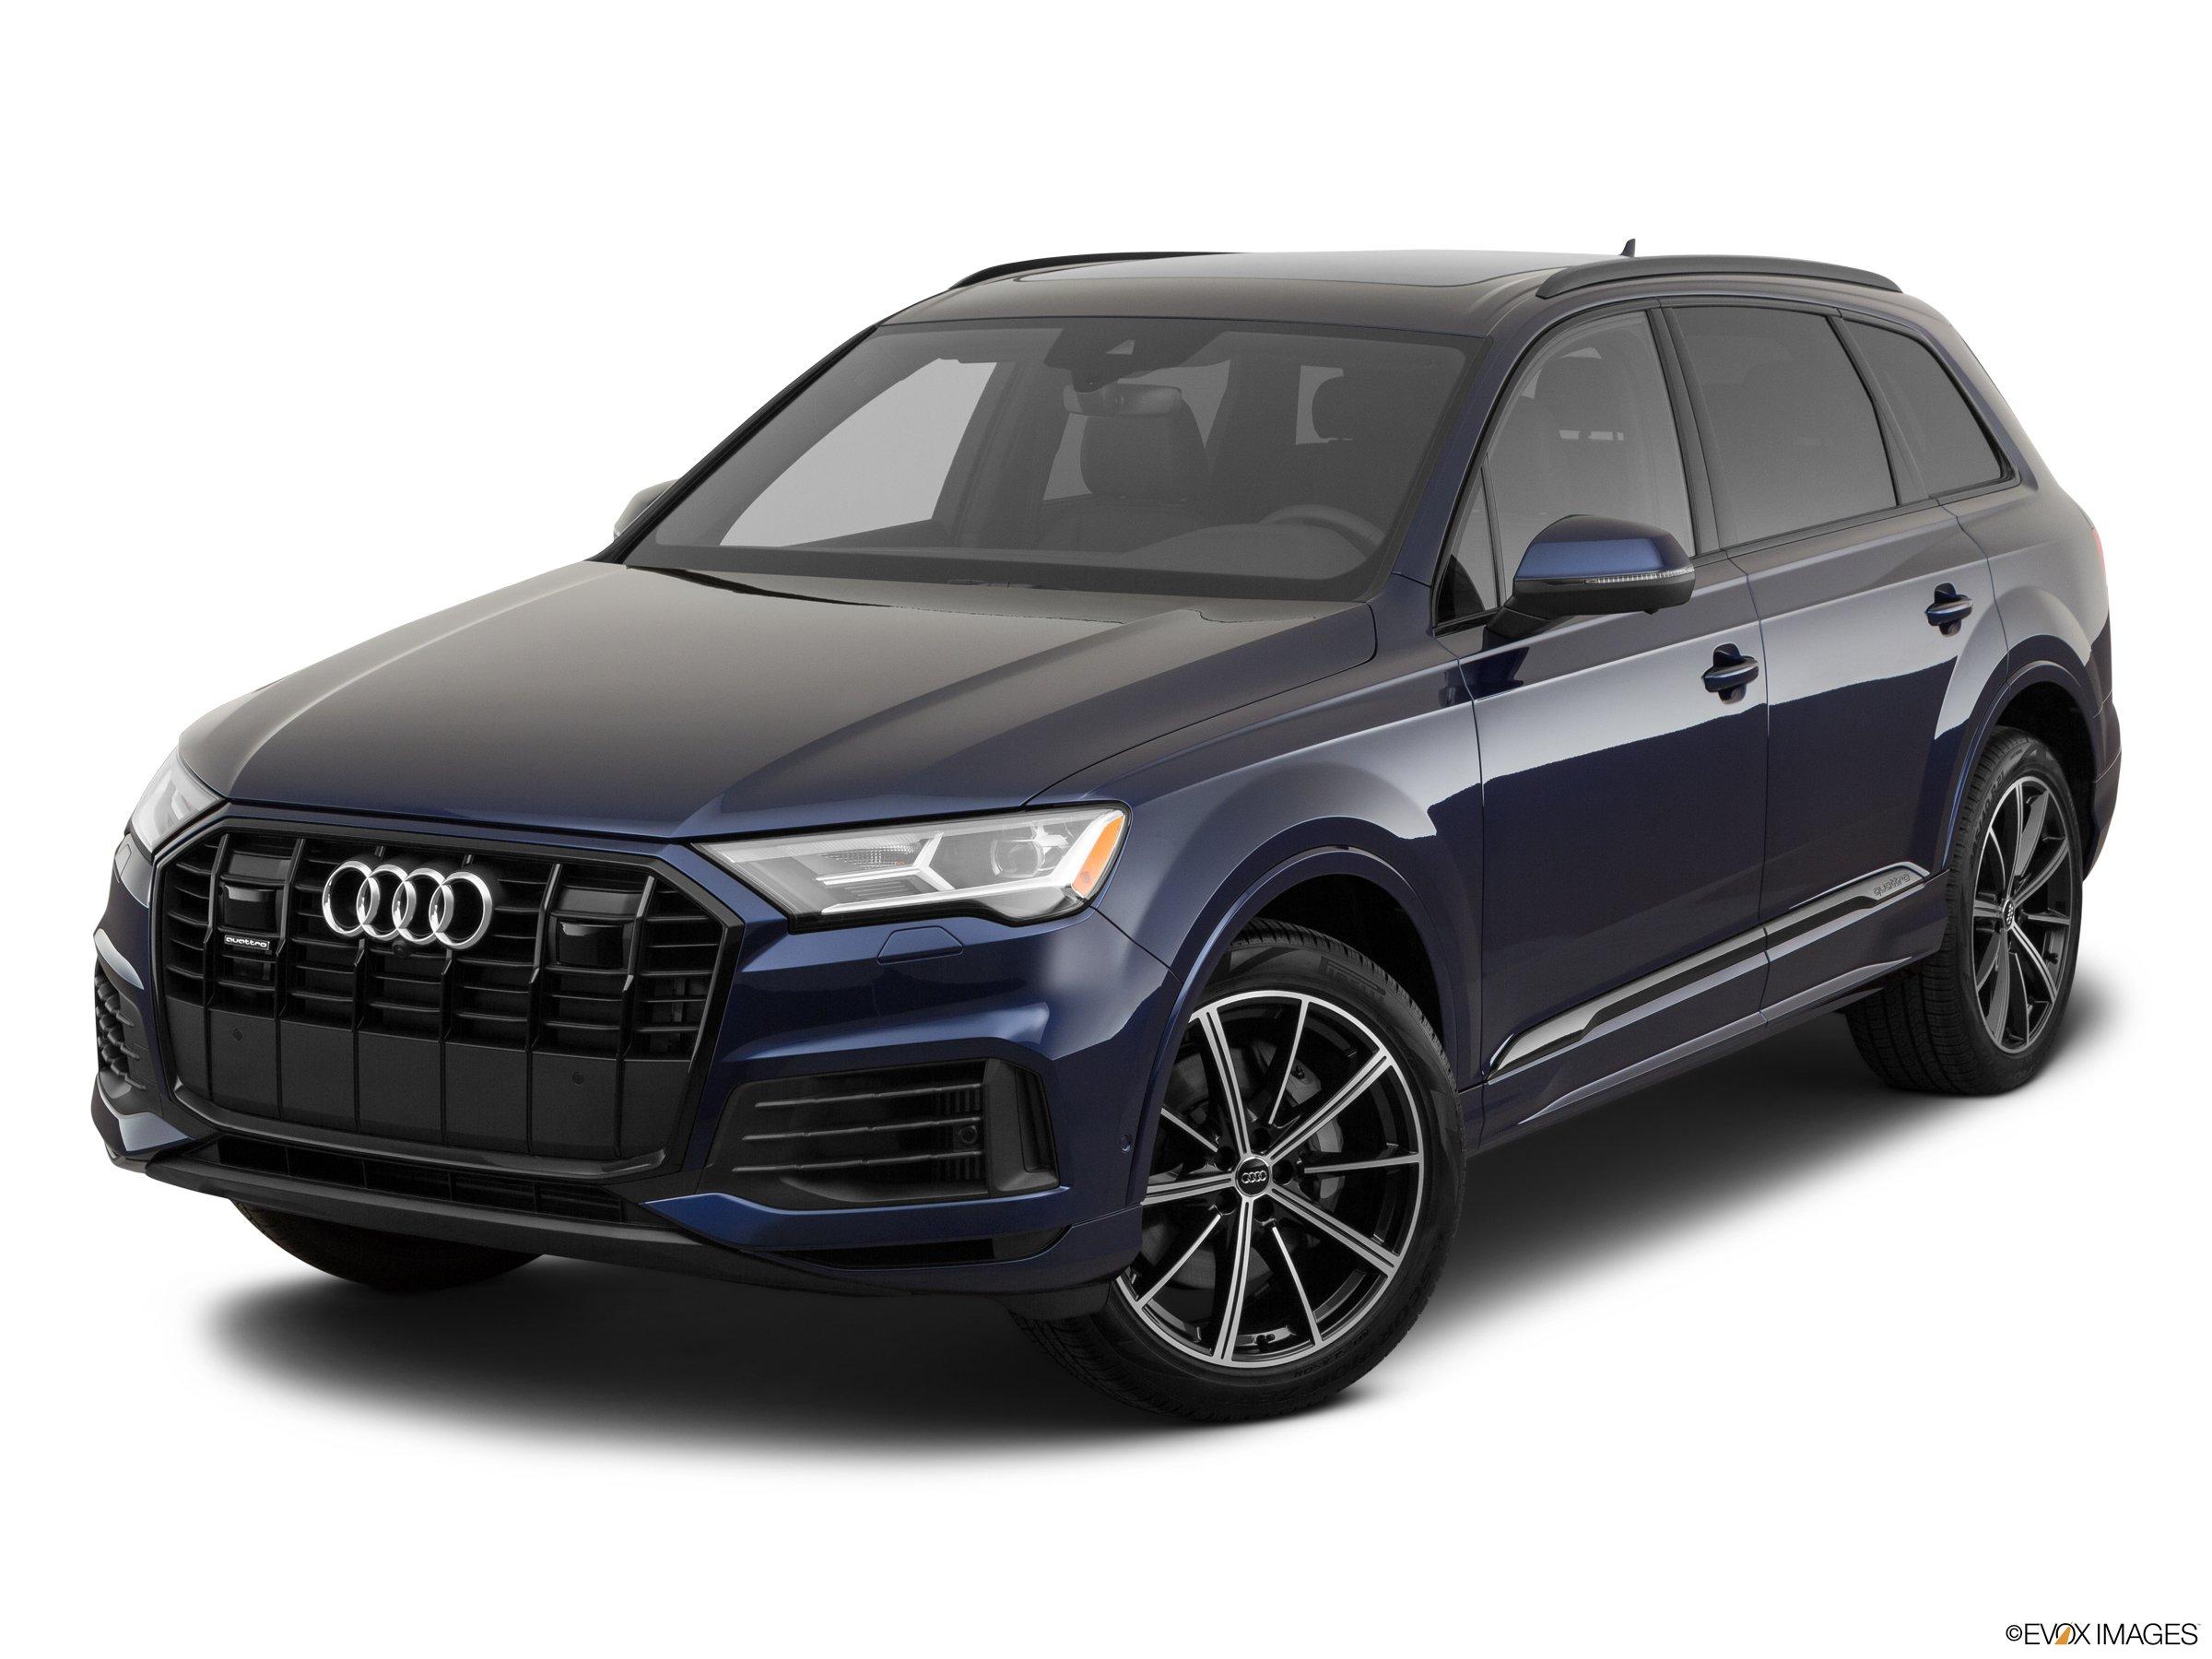 2020 Audi Q7 Premium Plus 55 TFSI AWD SUV